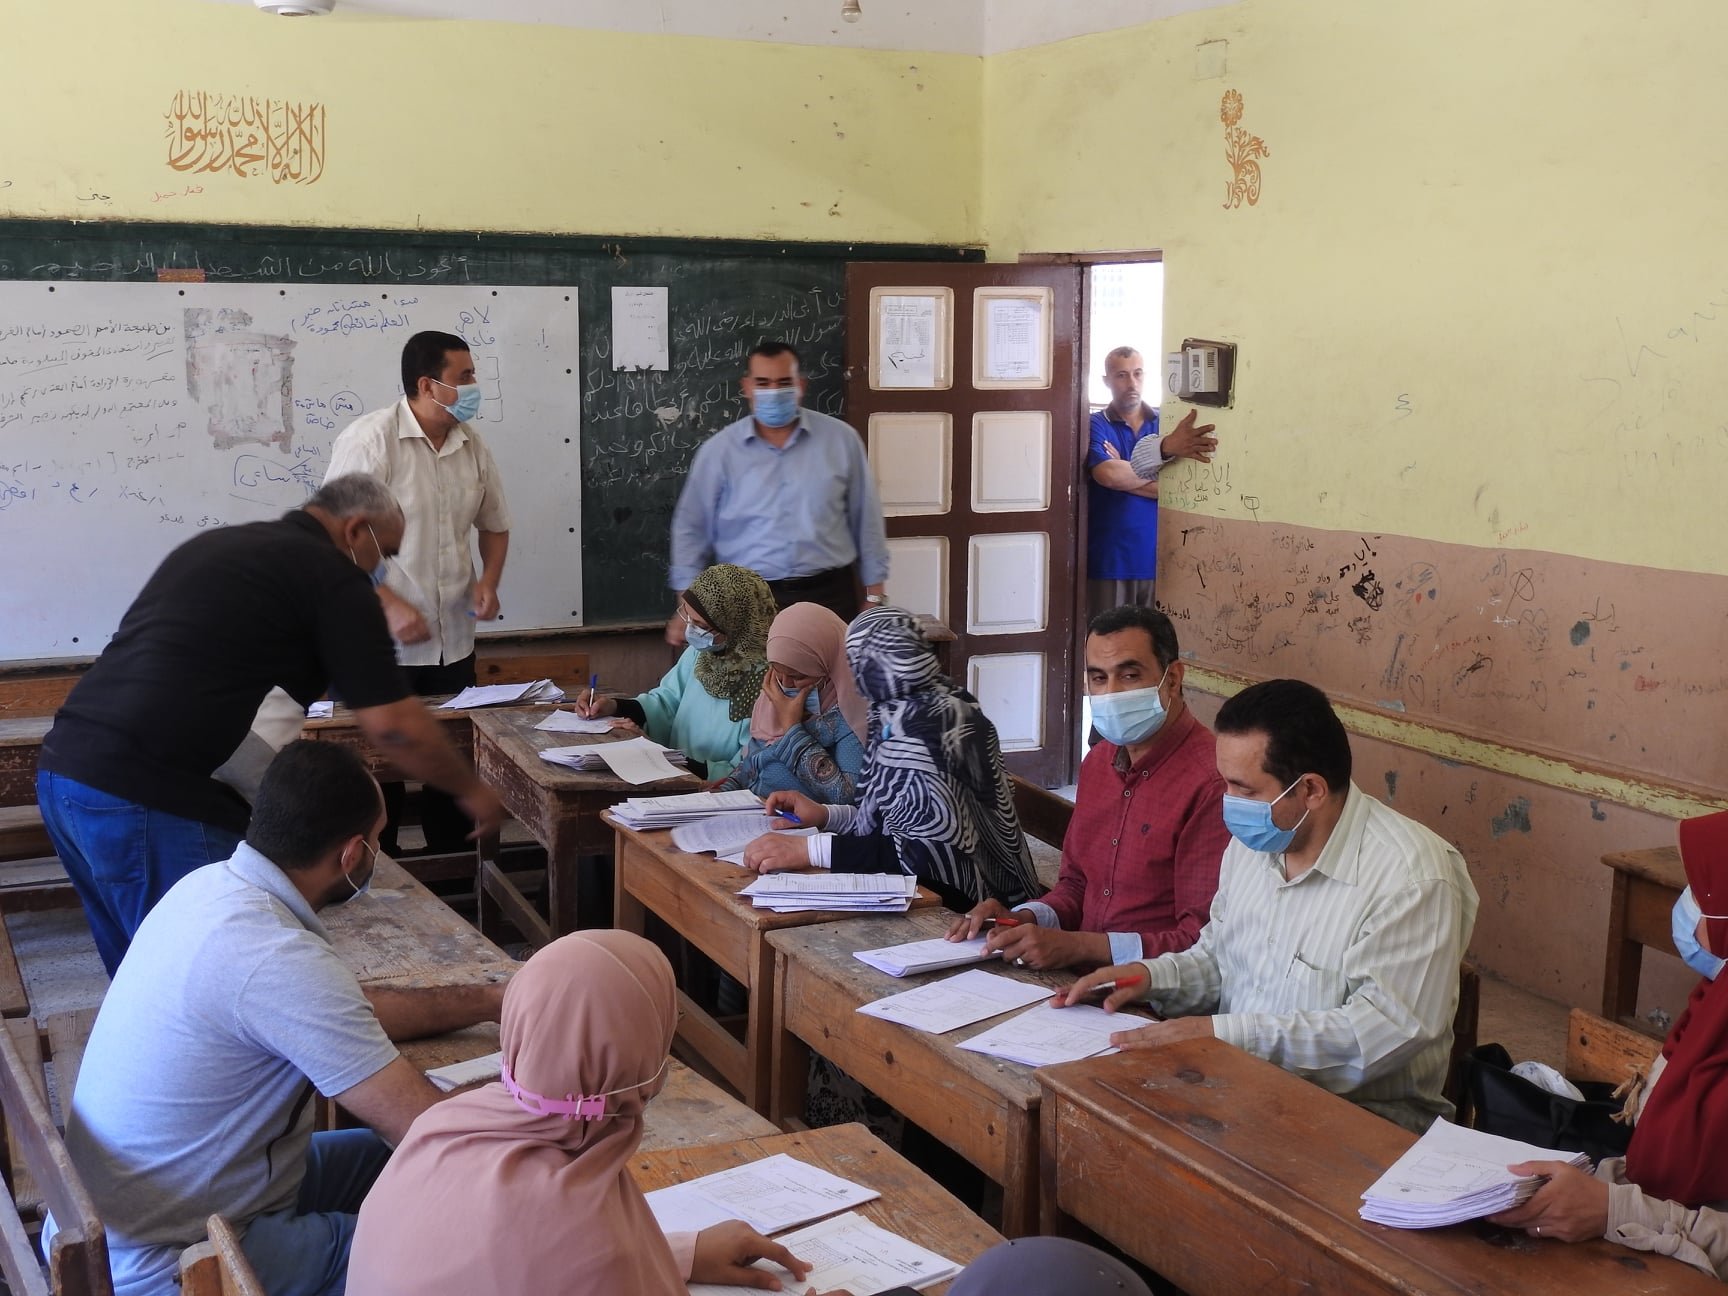 تعليم المنوفية تواصل تقدير درجات الشهادة الإعدادية العامة